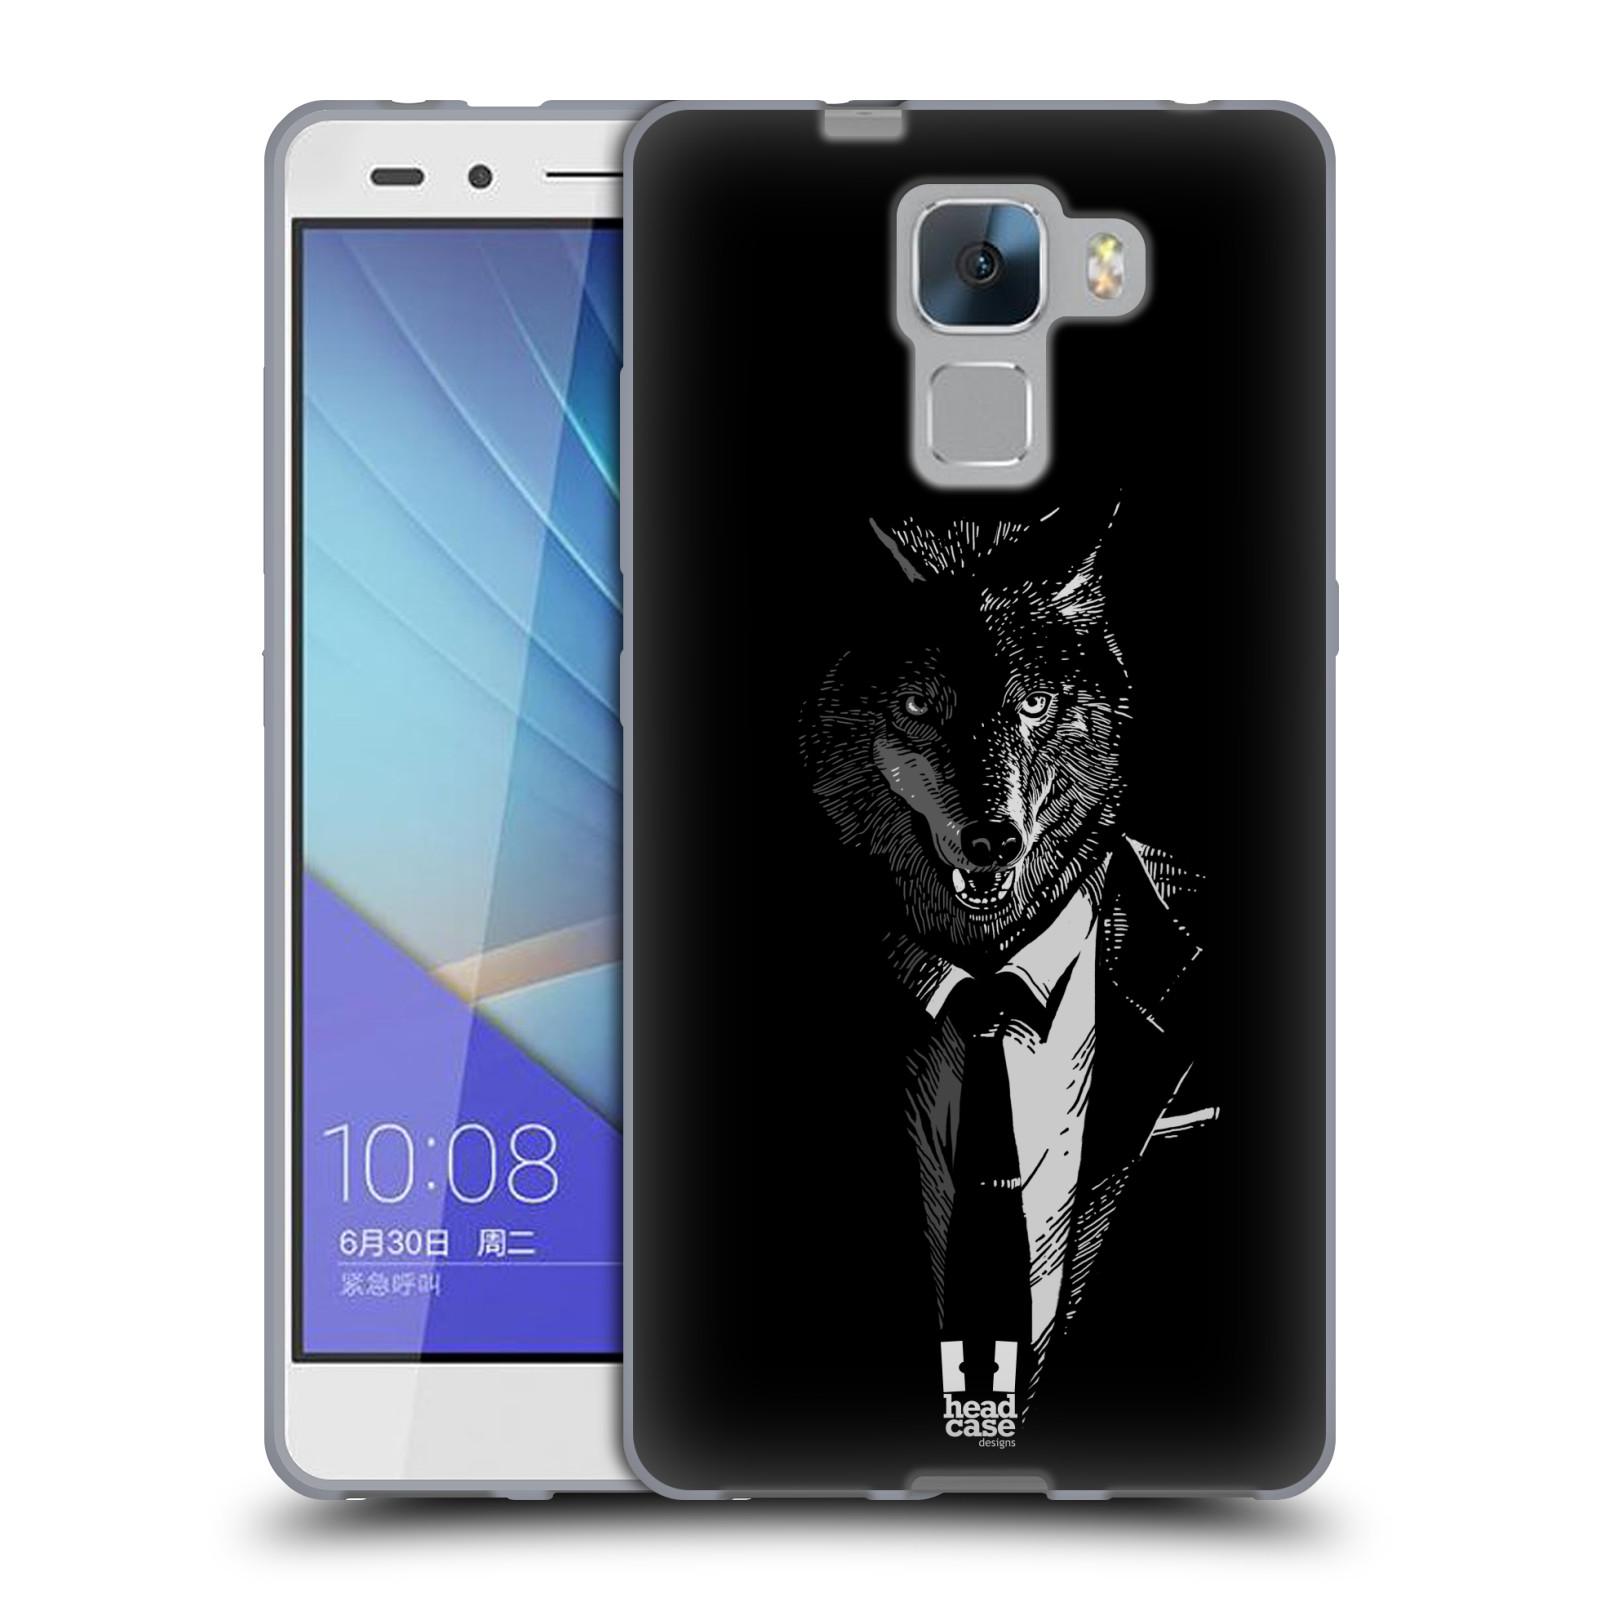 HEAD CASE silikonový obal na mobil HUAWEI HONOR 7 vzor Zvíře v obleku vlk